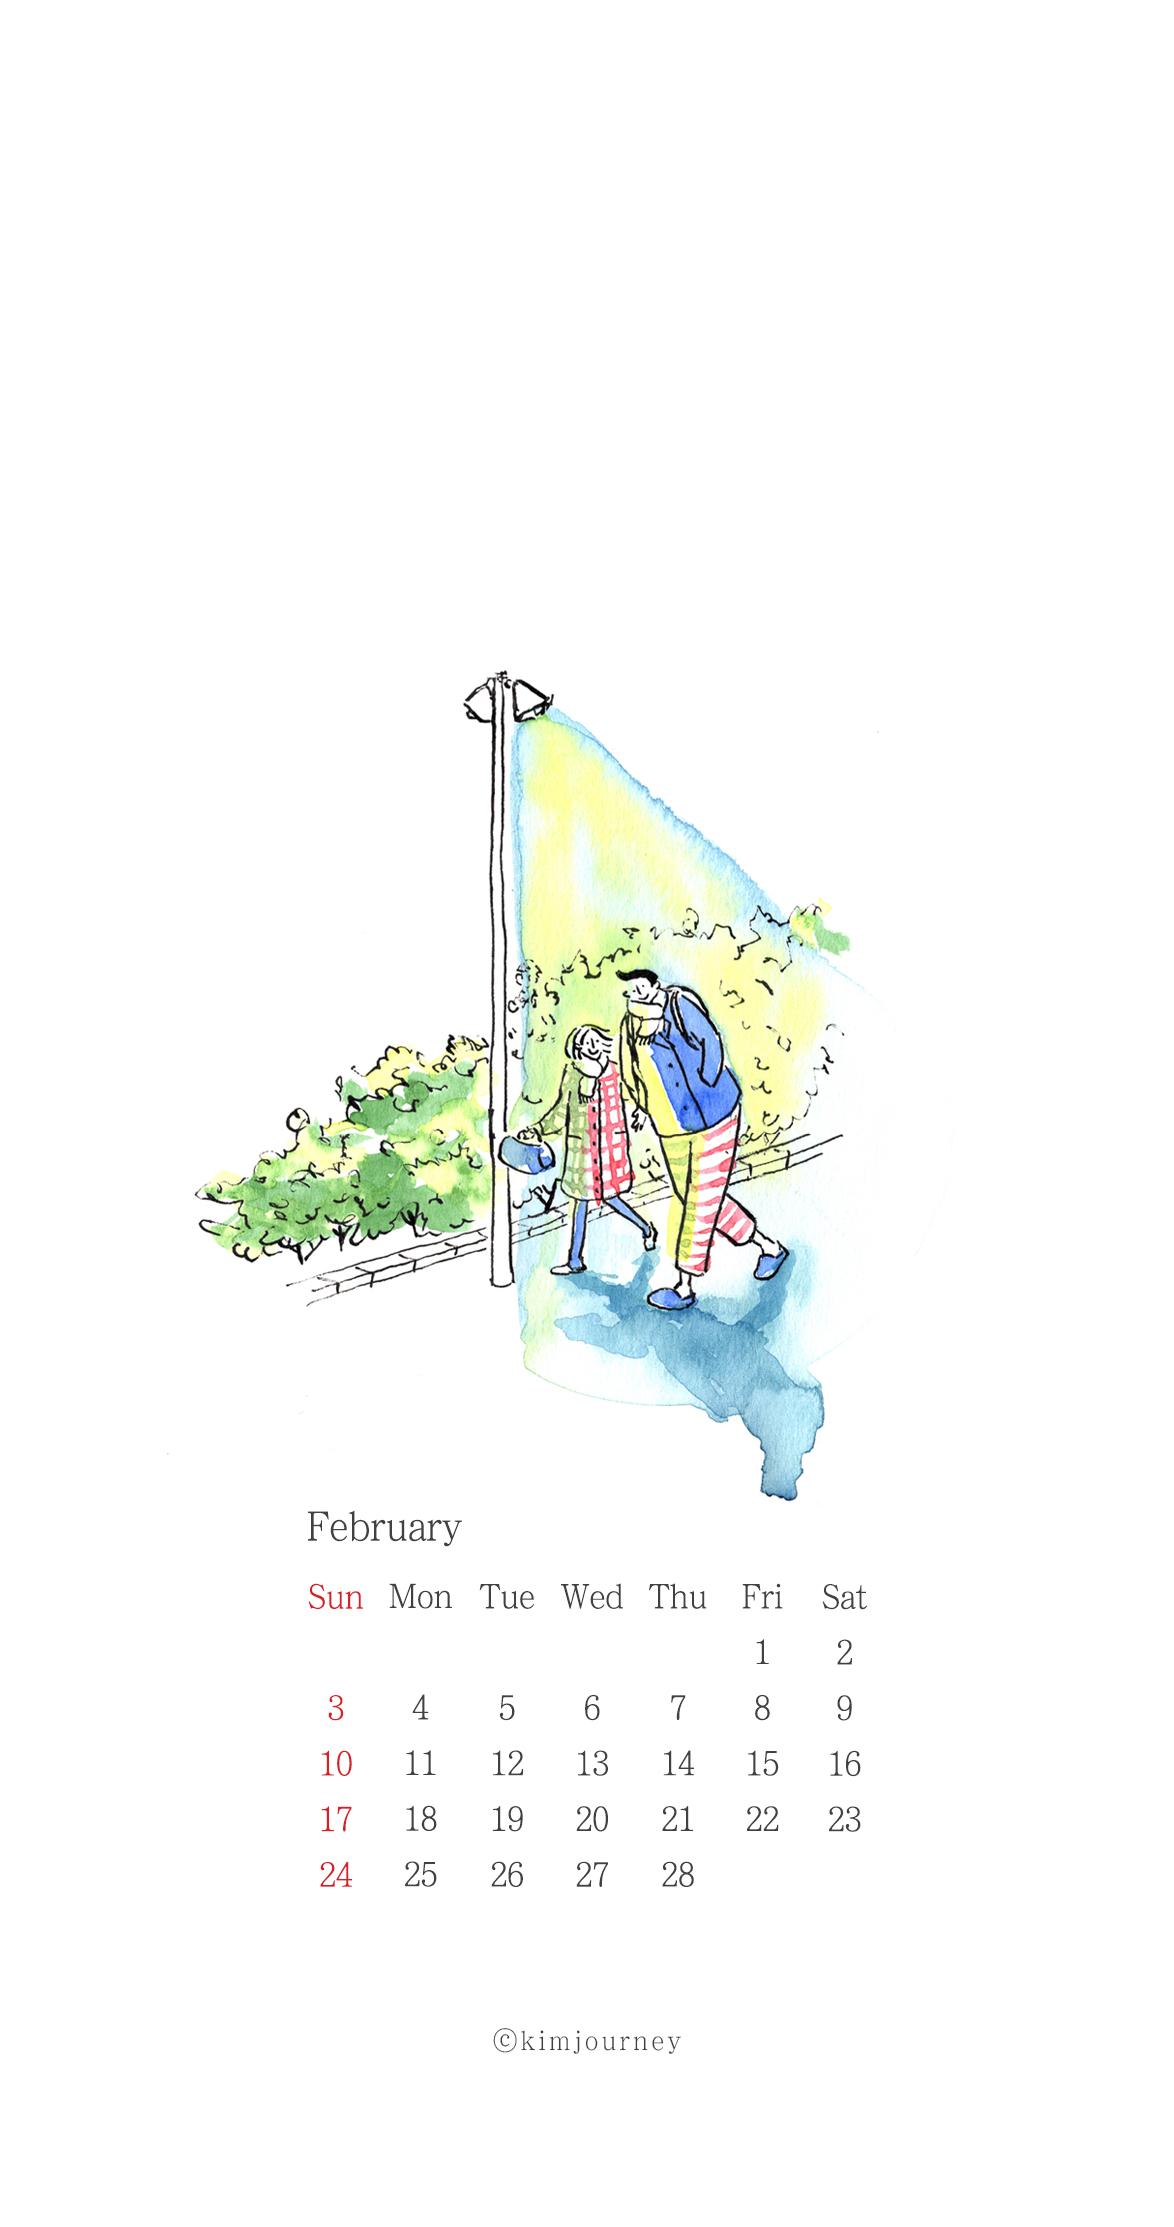 2월의 달력이 왔어요! - 발렌타인 선물 (쿵)